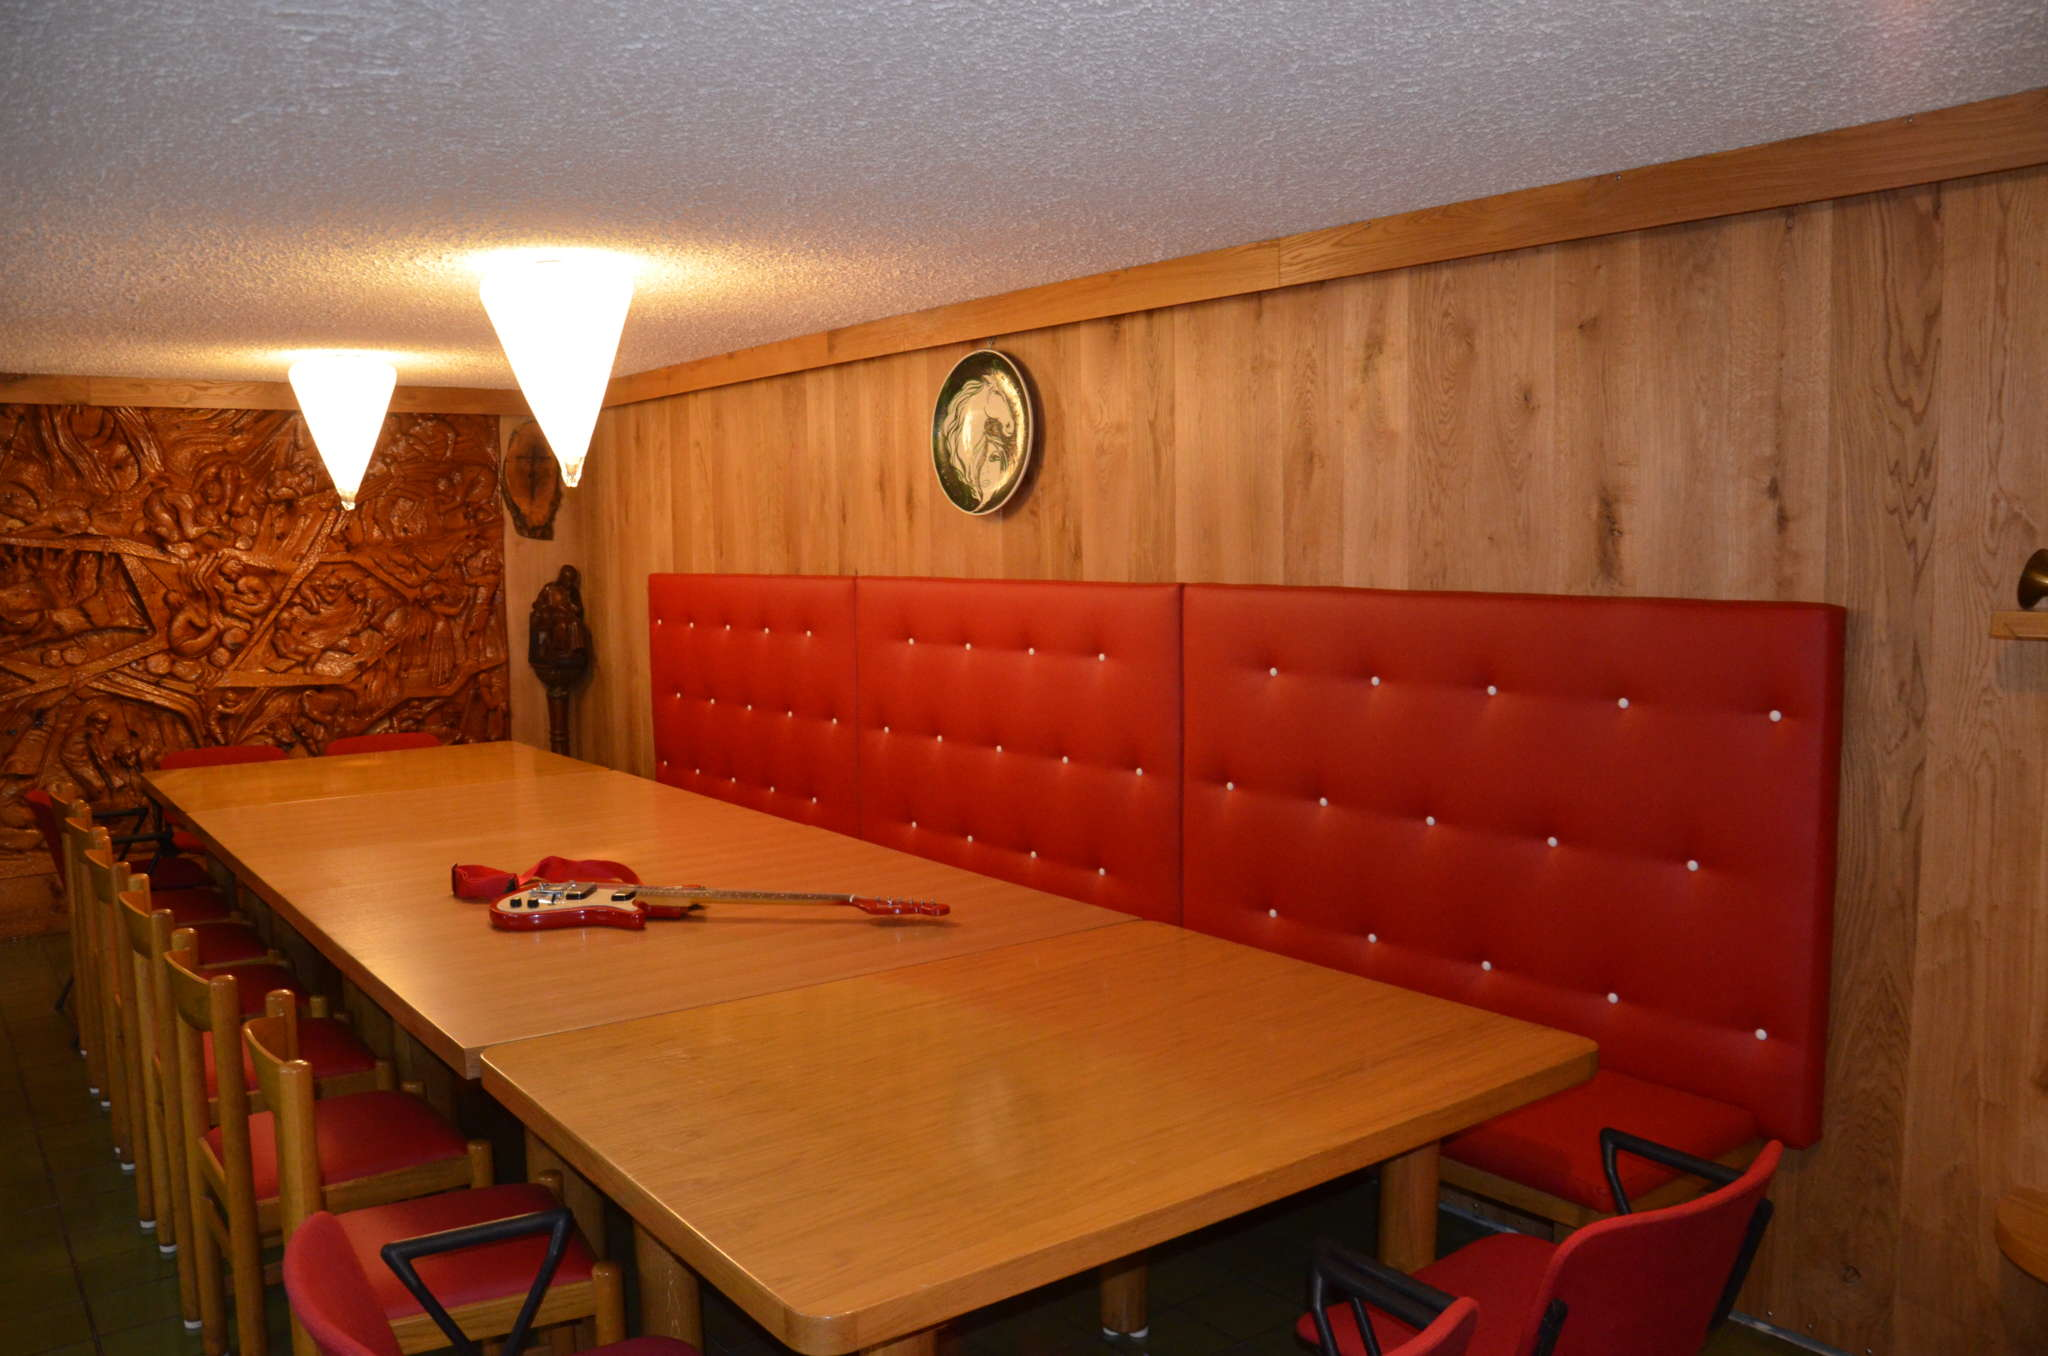 Rivestimento In Legno Parete : Rivestimento pareti in legno pavilegno